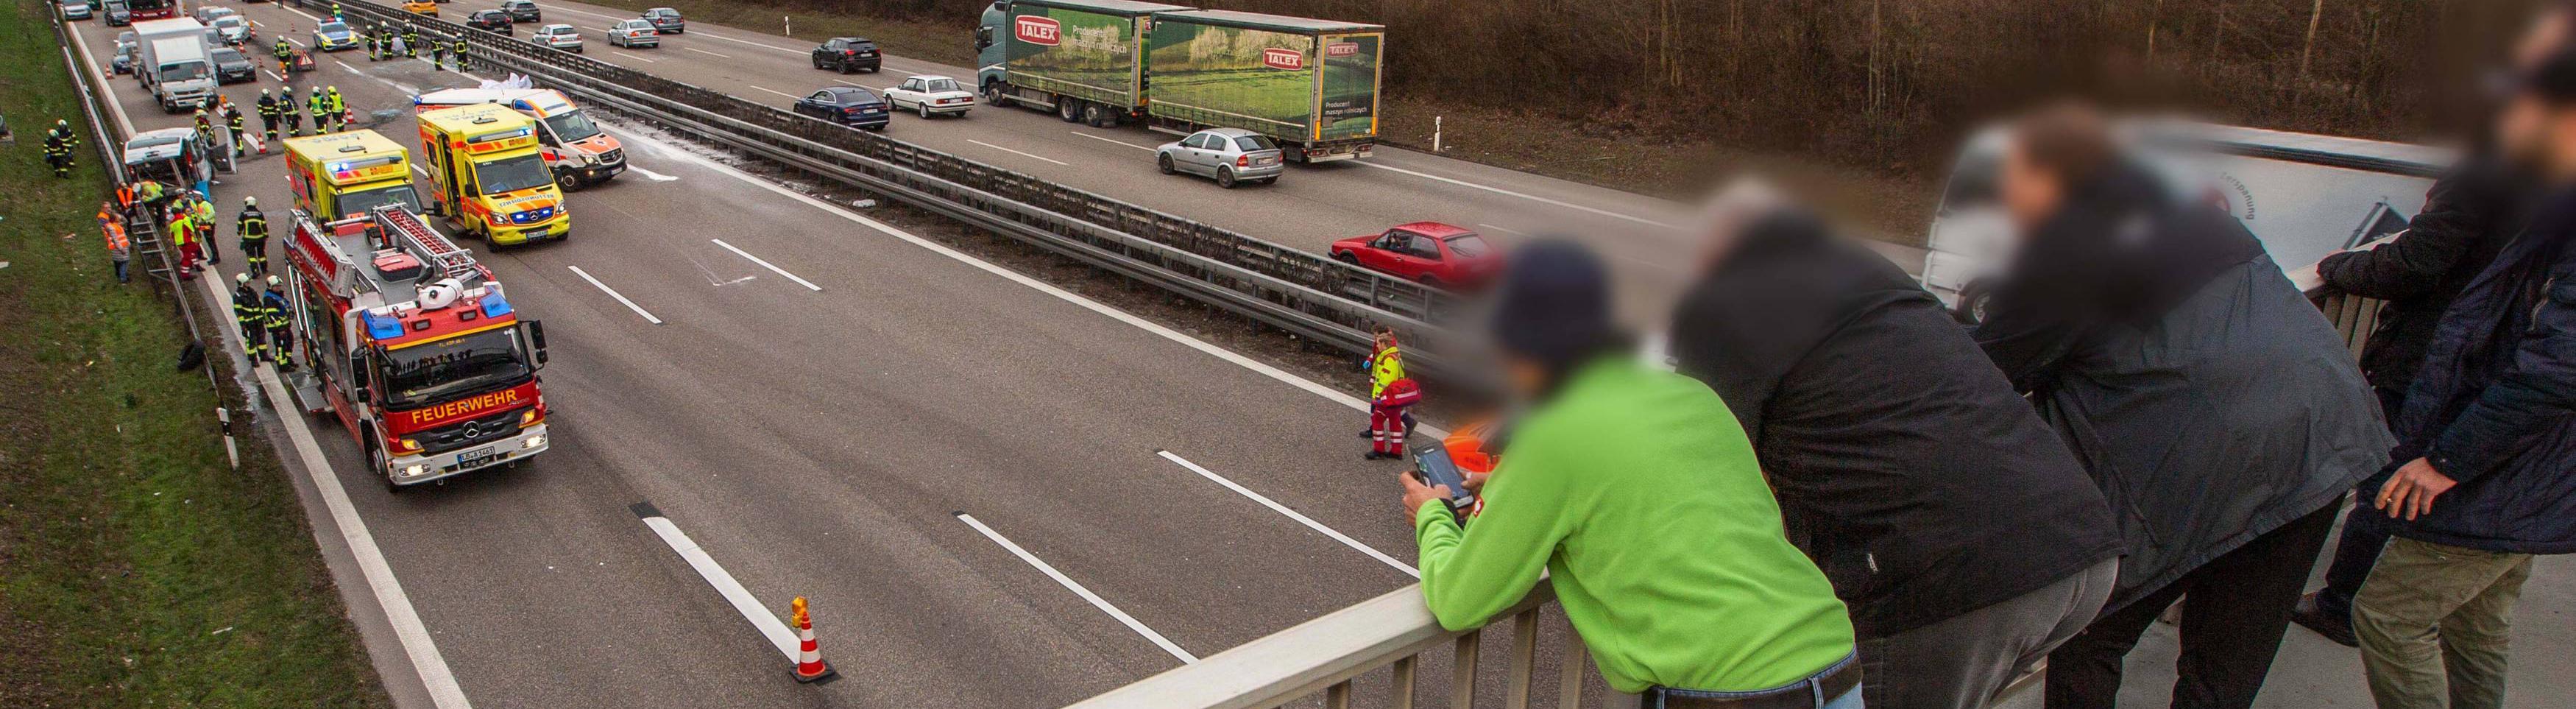 Schaulustige Gaffer auf einer Autobahnbrücke bei einem Verkehrsunfall